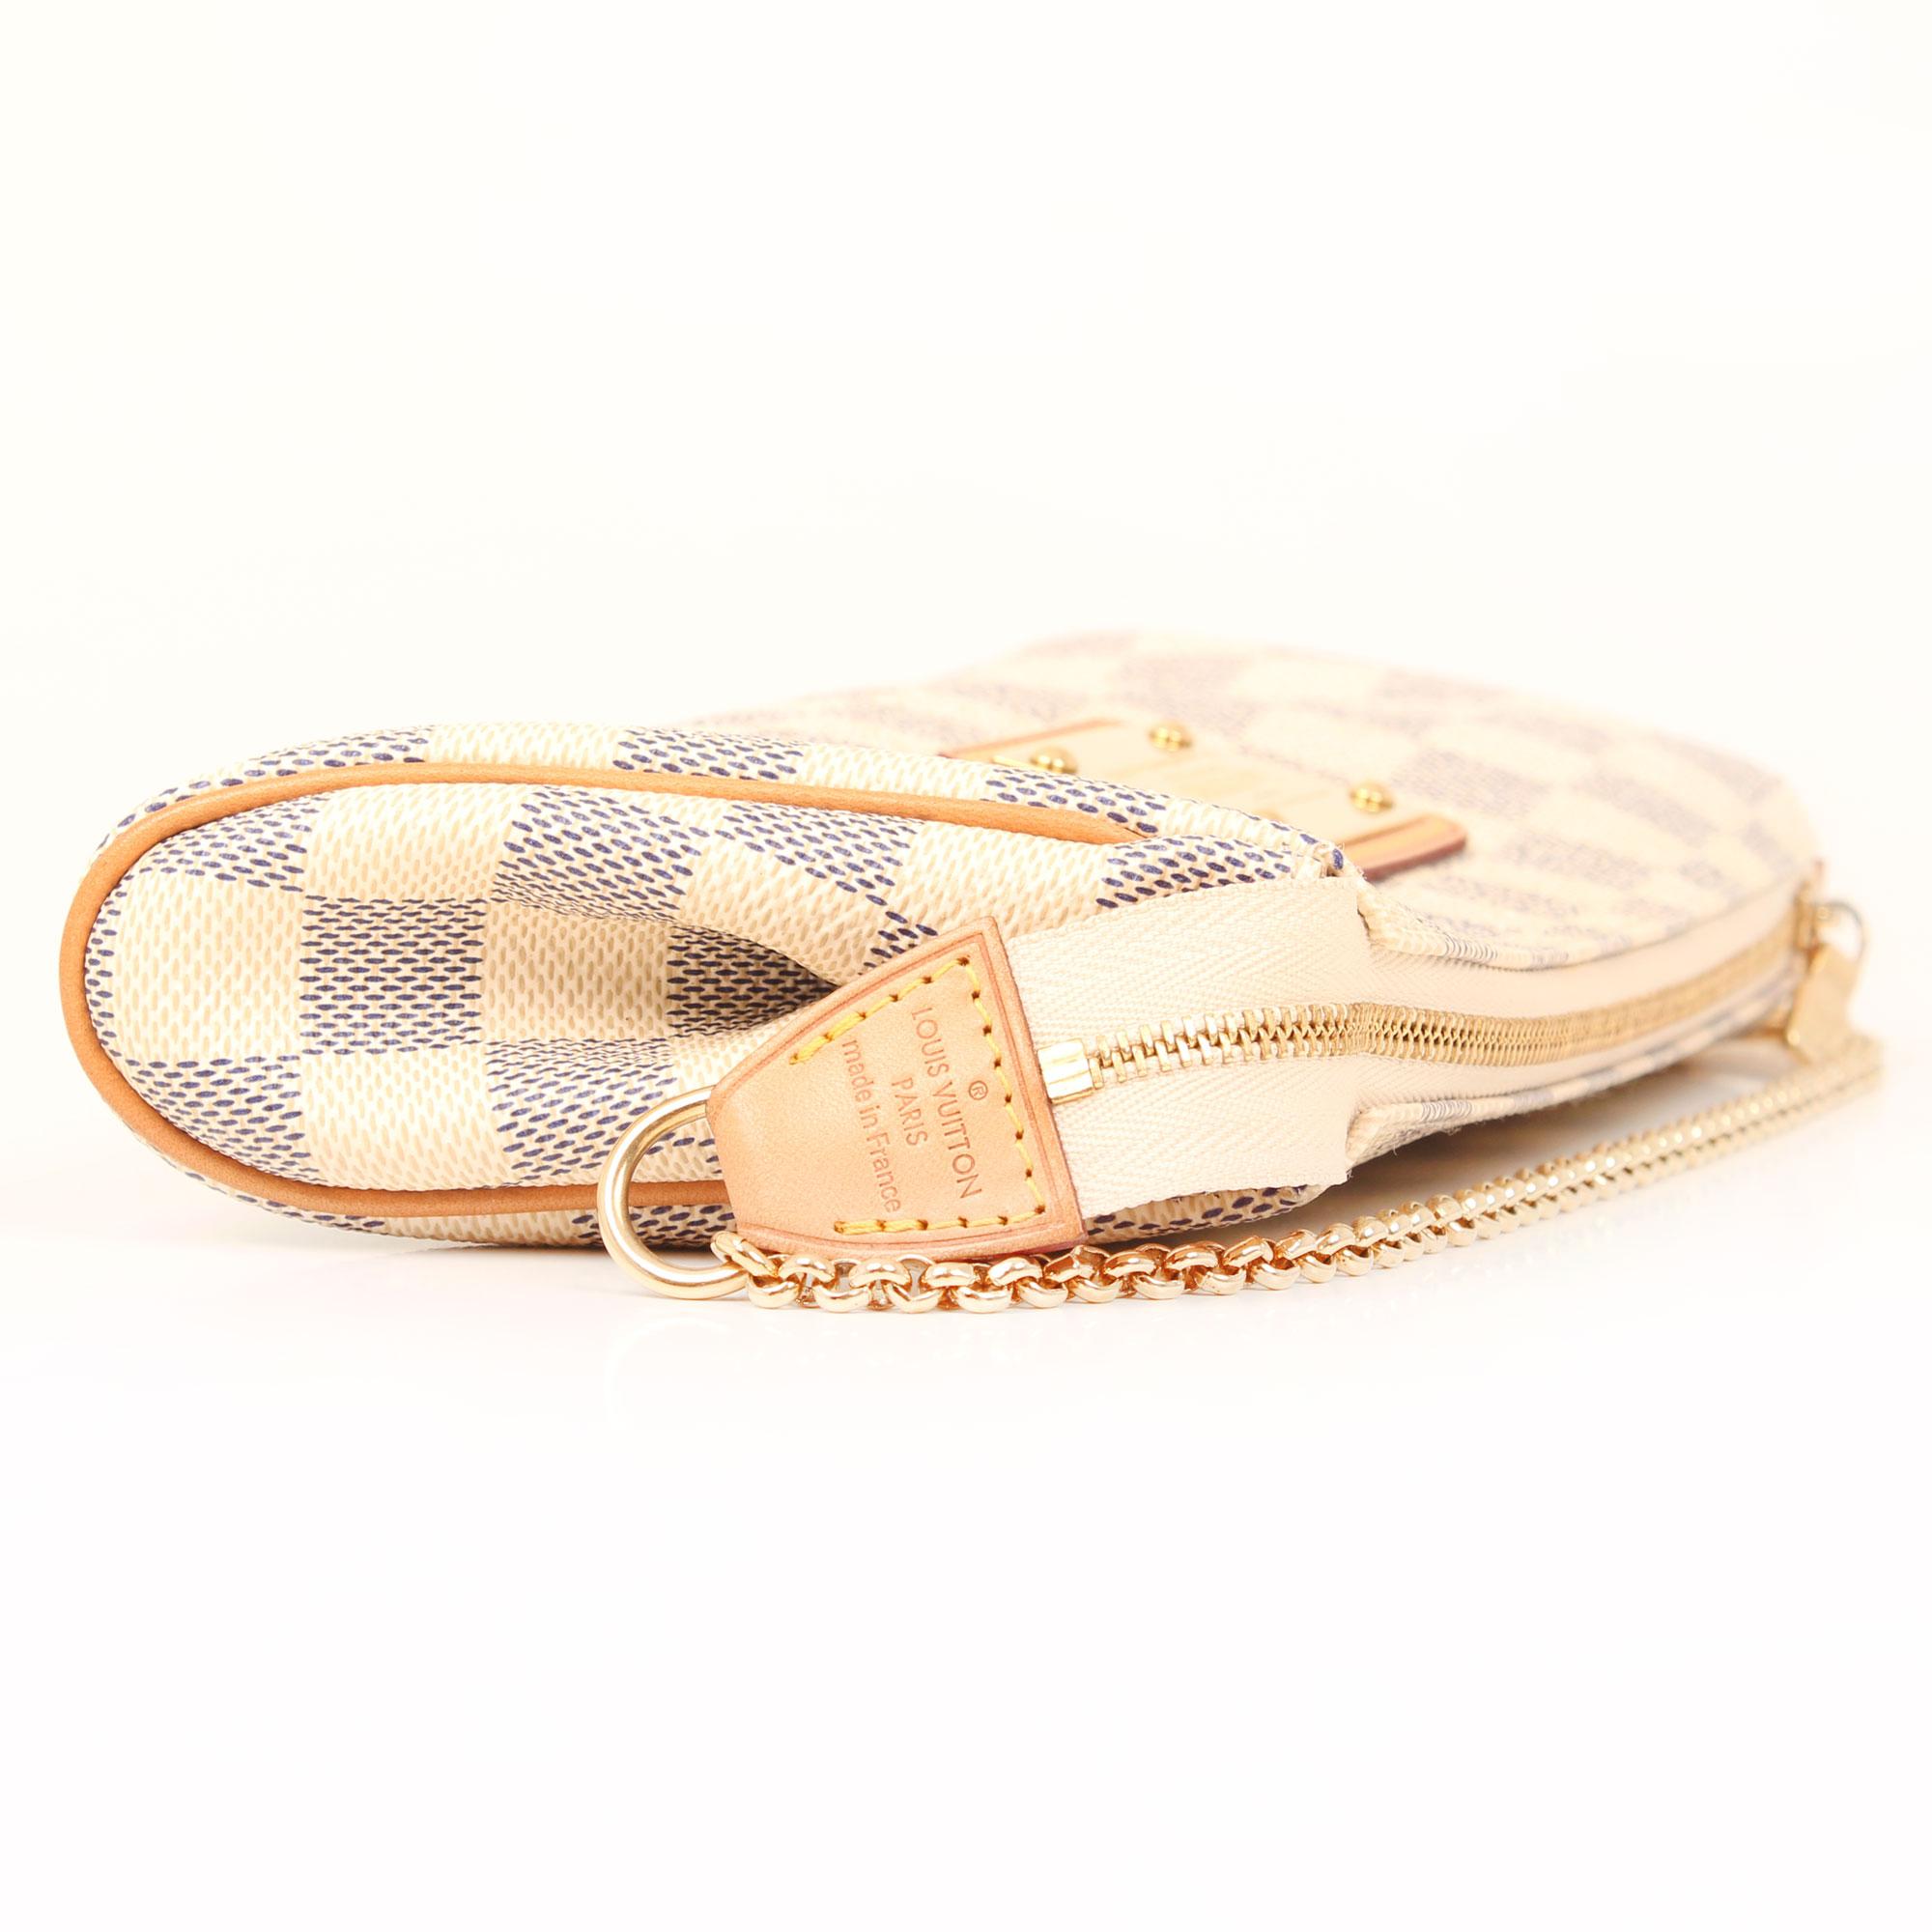 pochette-louis-vuitton-eva-damier-azur-cremallera-marca